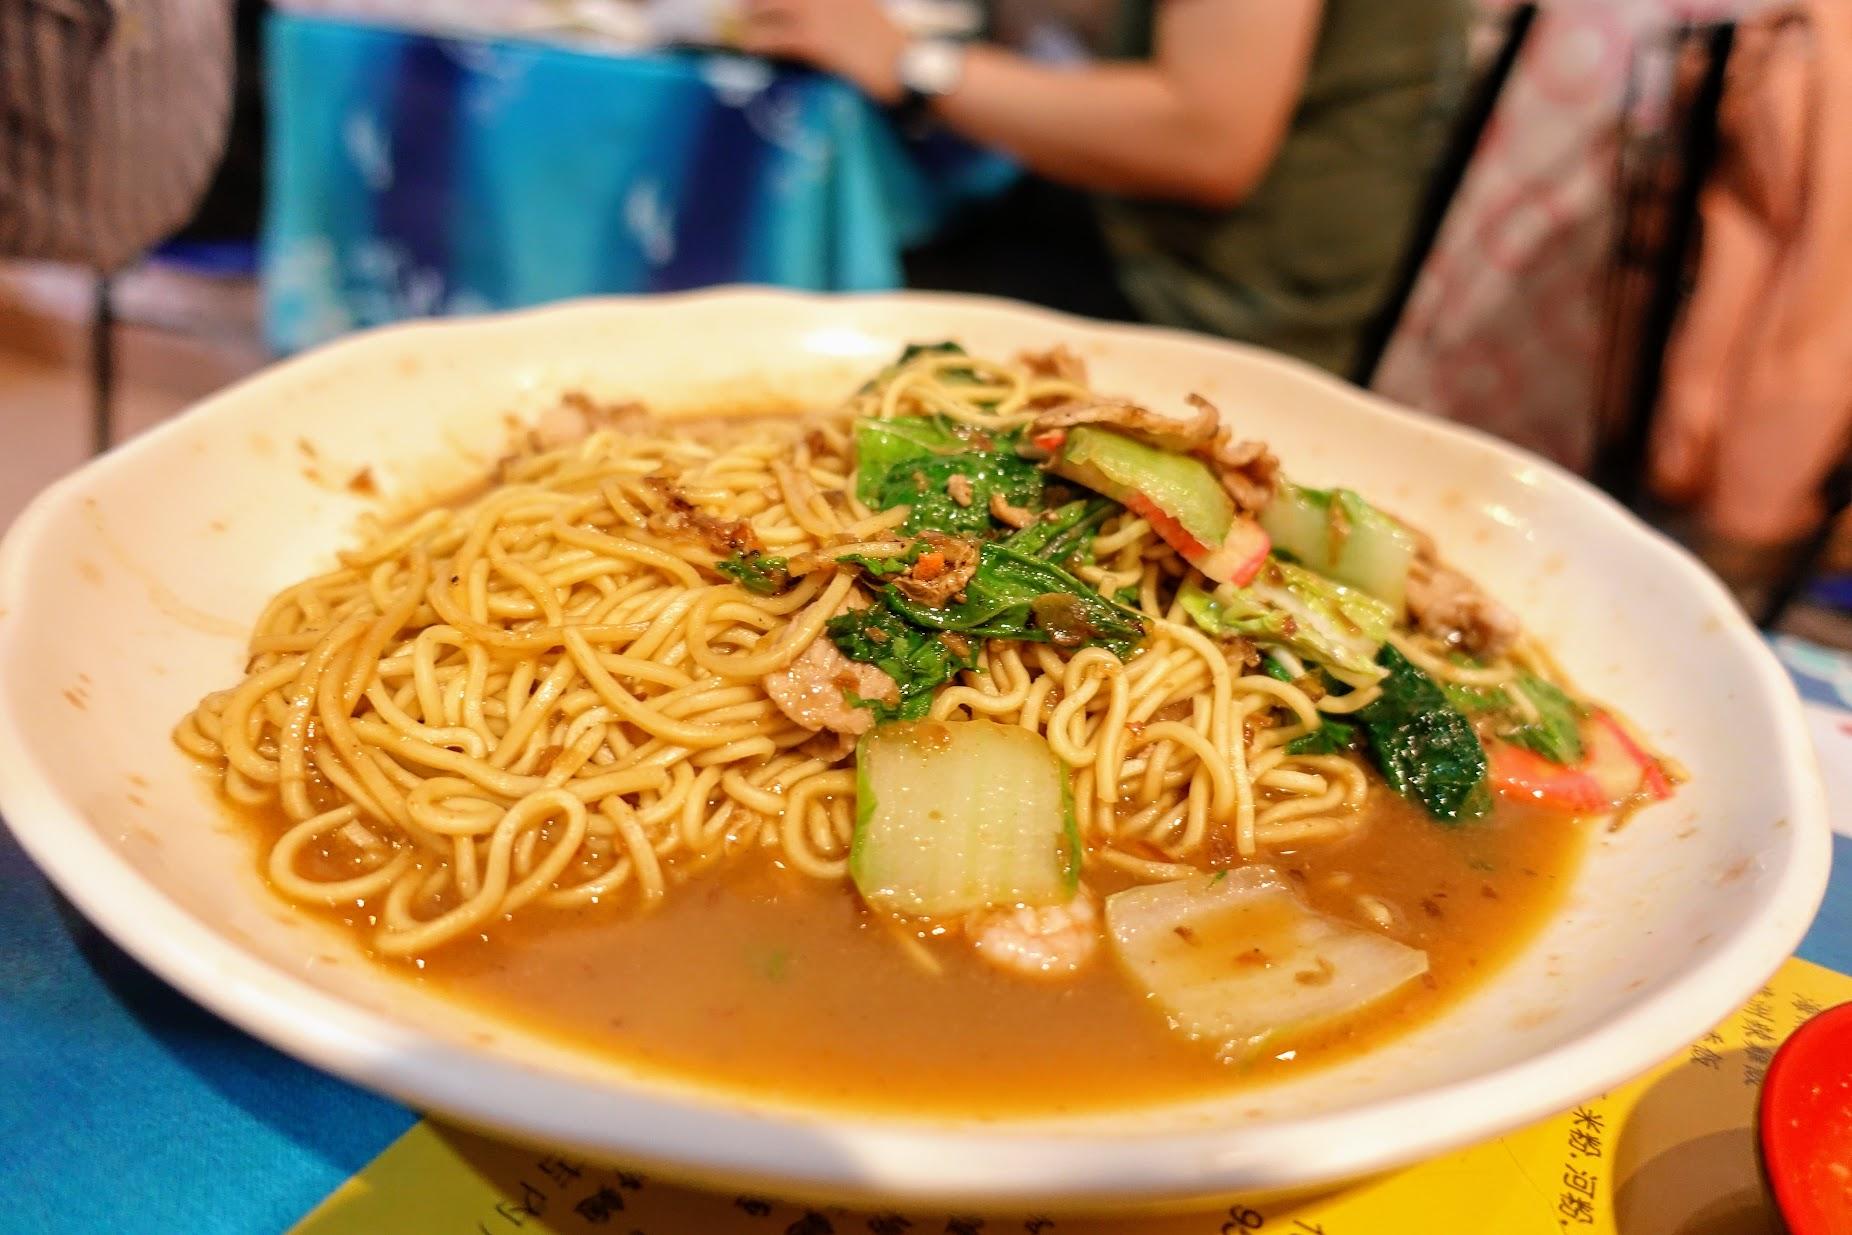 蝦醬炒油麵,份量也很多喔! 帶著一點辣,伴著蝦醬特有的味道拌炒,偏向濕式炒法,所以湯汁頗多的